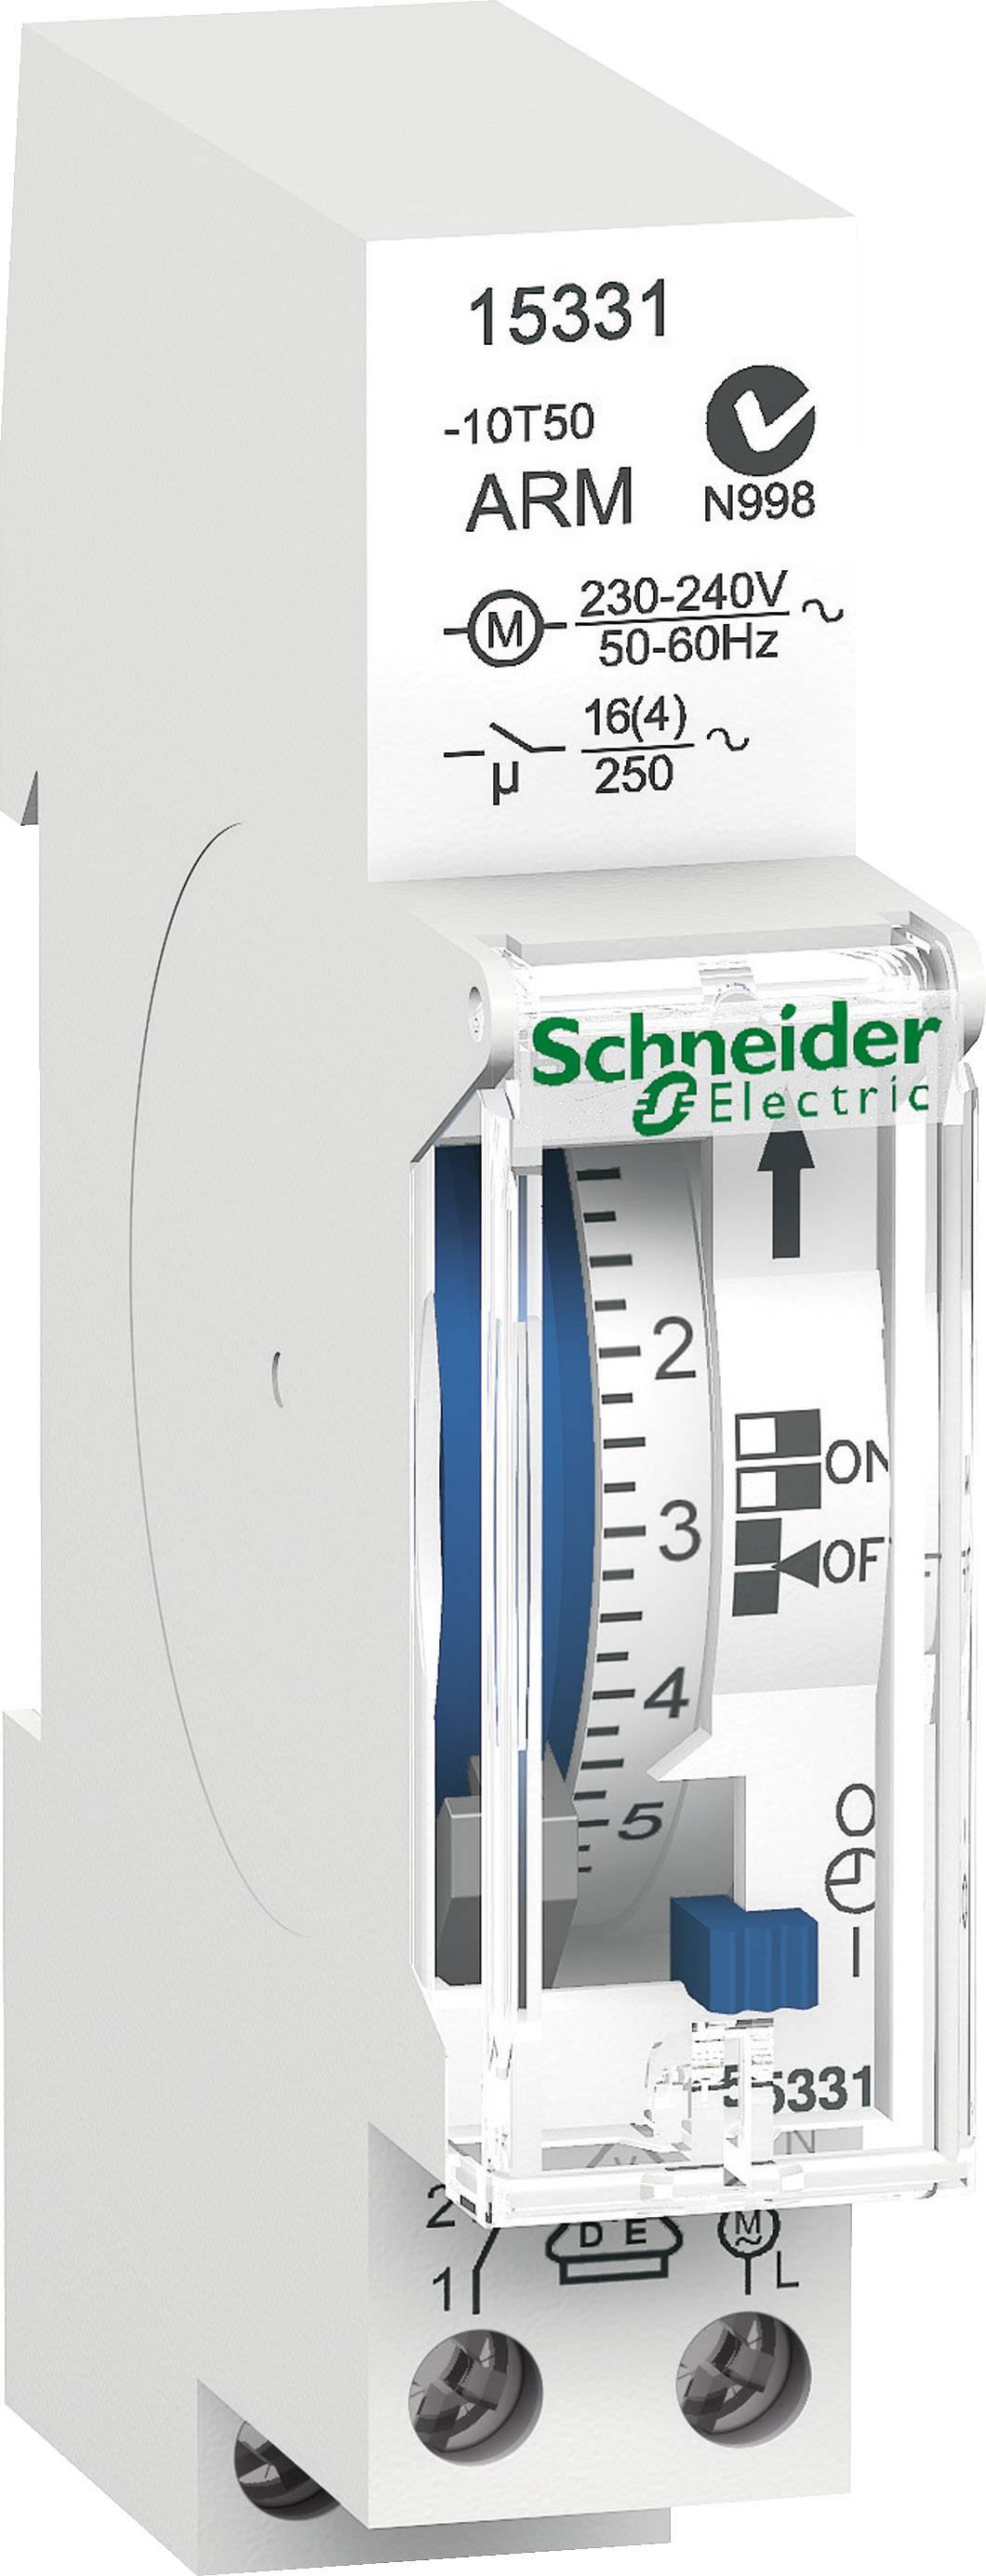 Časovač na DIN lištu Schneider Electric 15331, 230 V